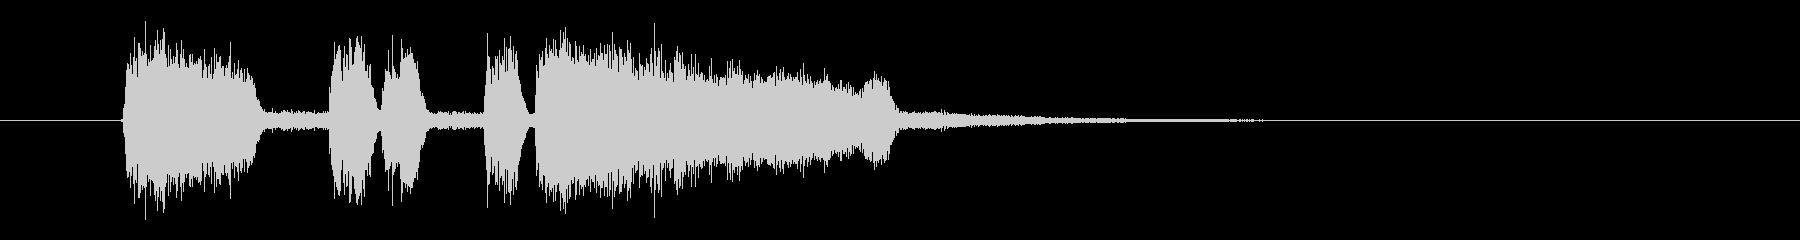 パーパパッパパー(ファンファーレ)の未再生の波形